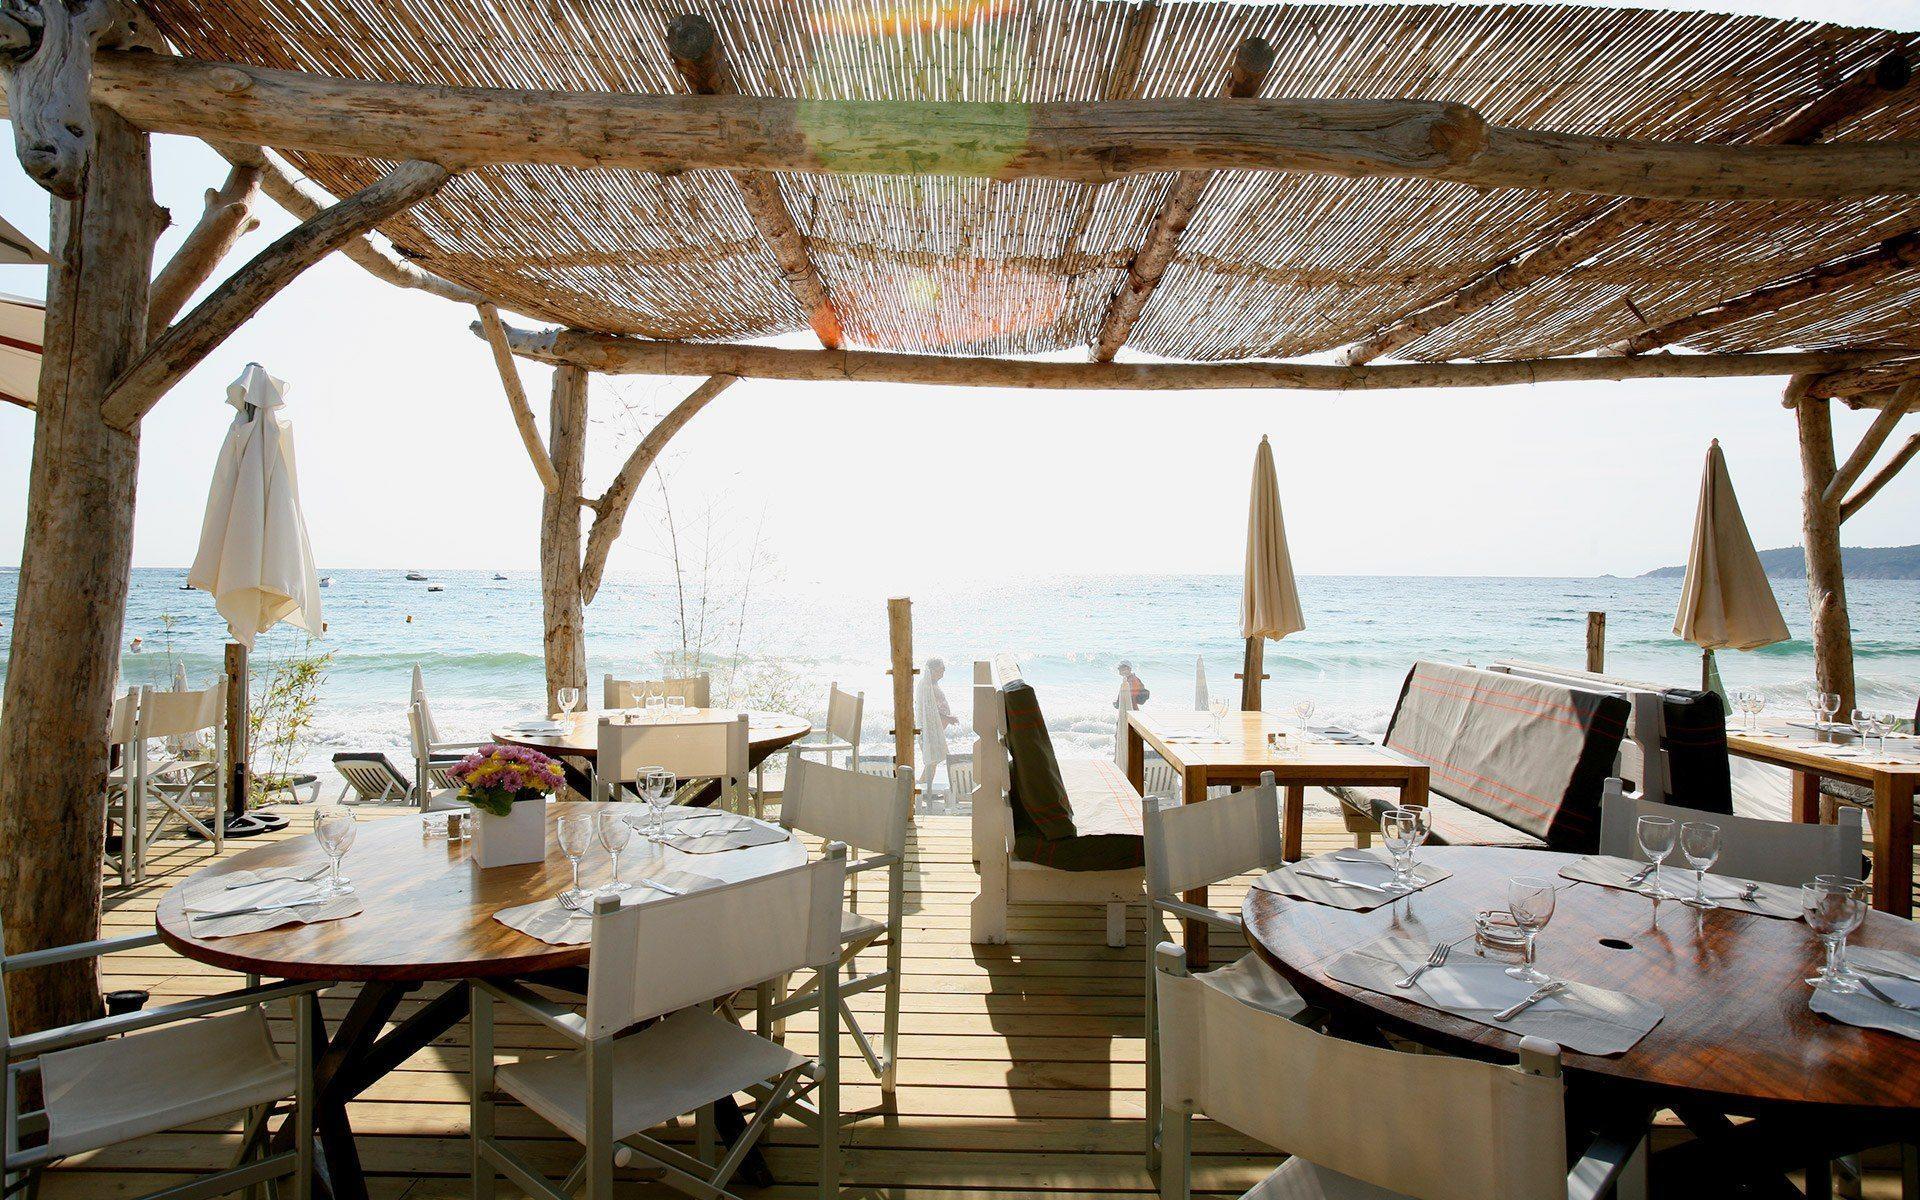 Restaurant Avec Pisicne Lyon